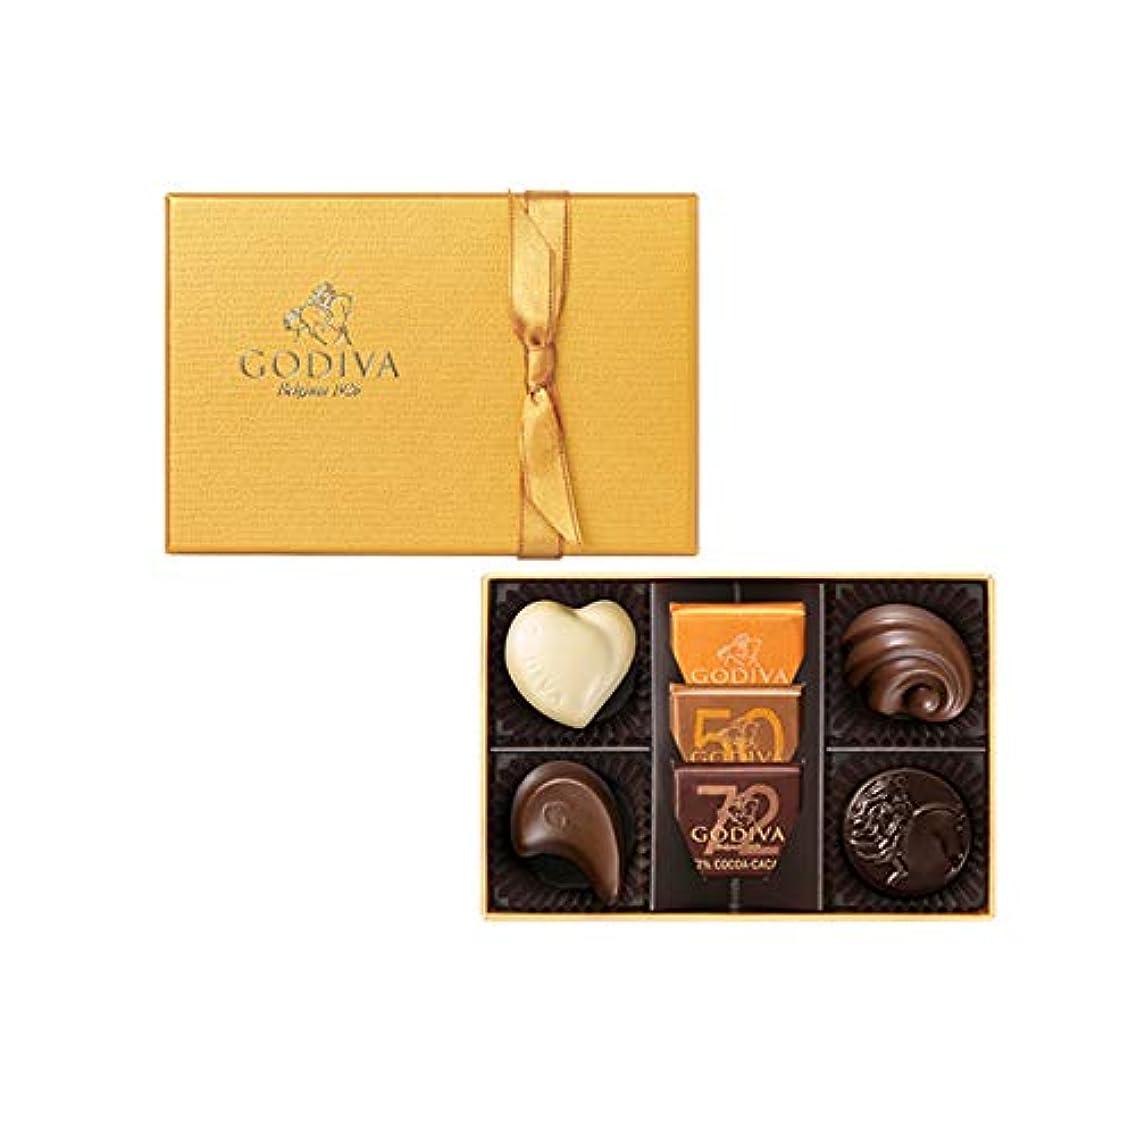 ナビゲーション名前でバーゴディバ (GODIVA) ゴールドコレクション 7粒